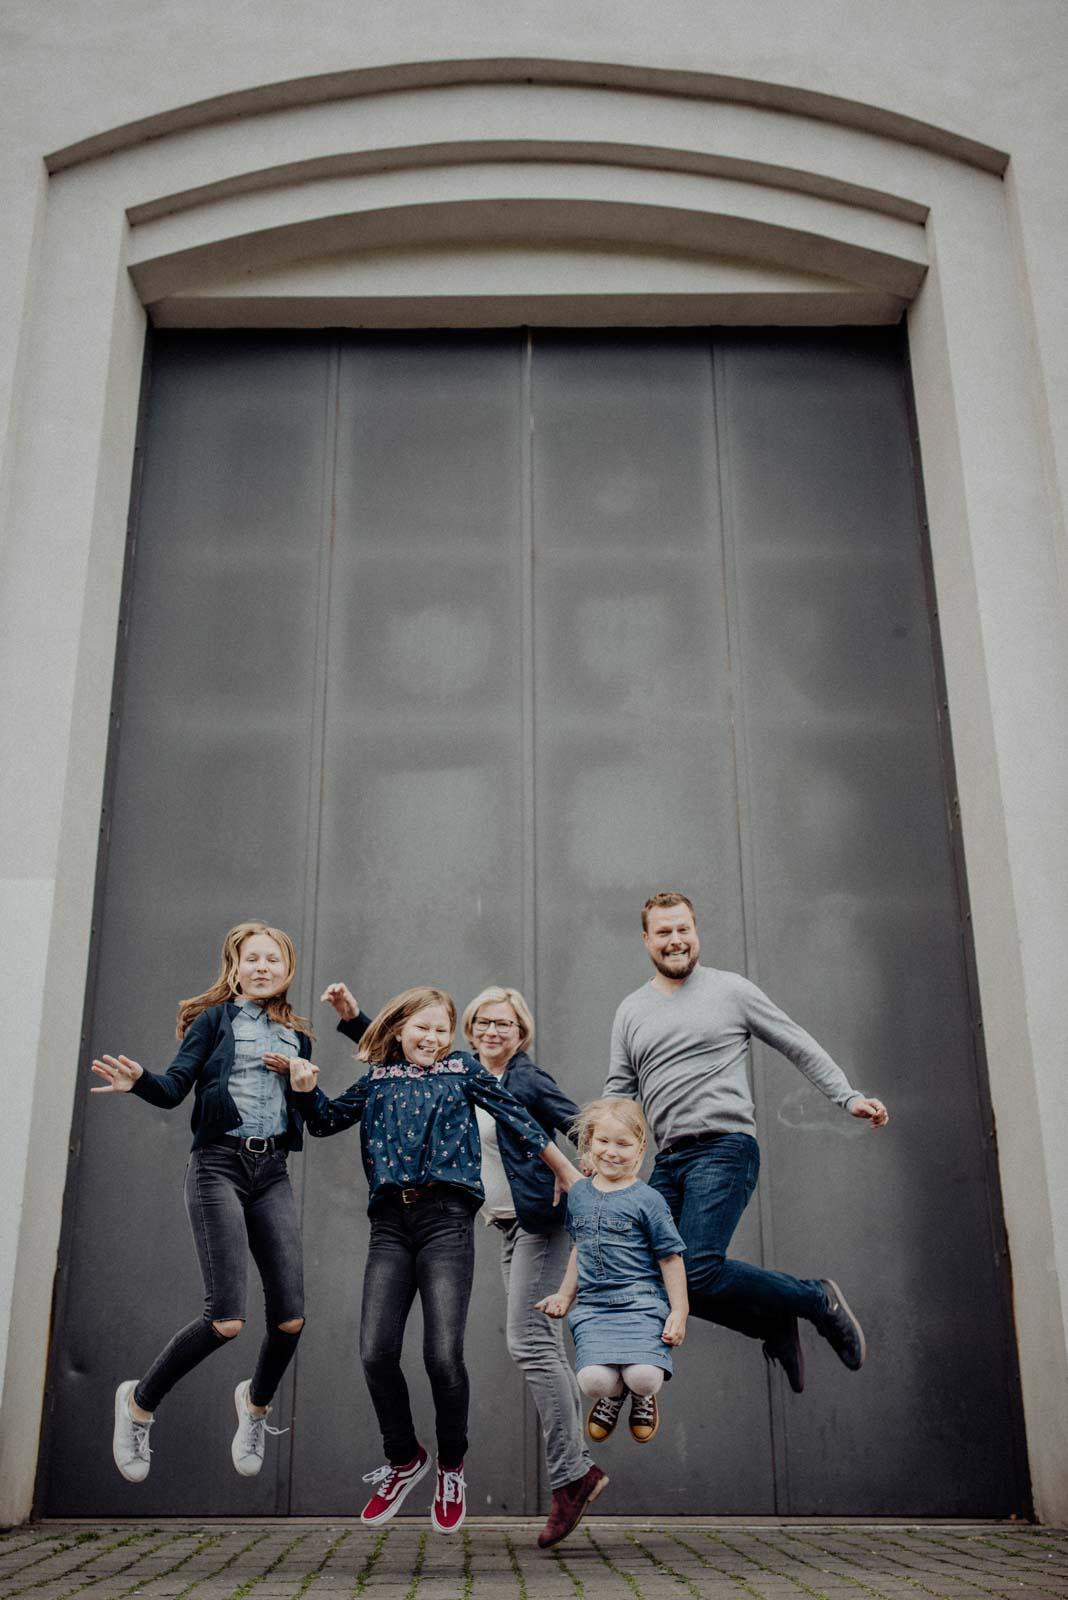 020-ungestellte-familienfotos-familienshooting-bochum-industrie-jahrhunderthalle